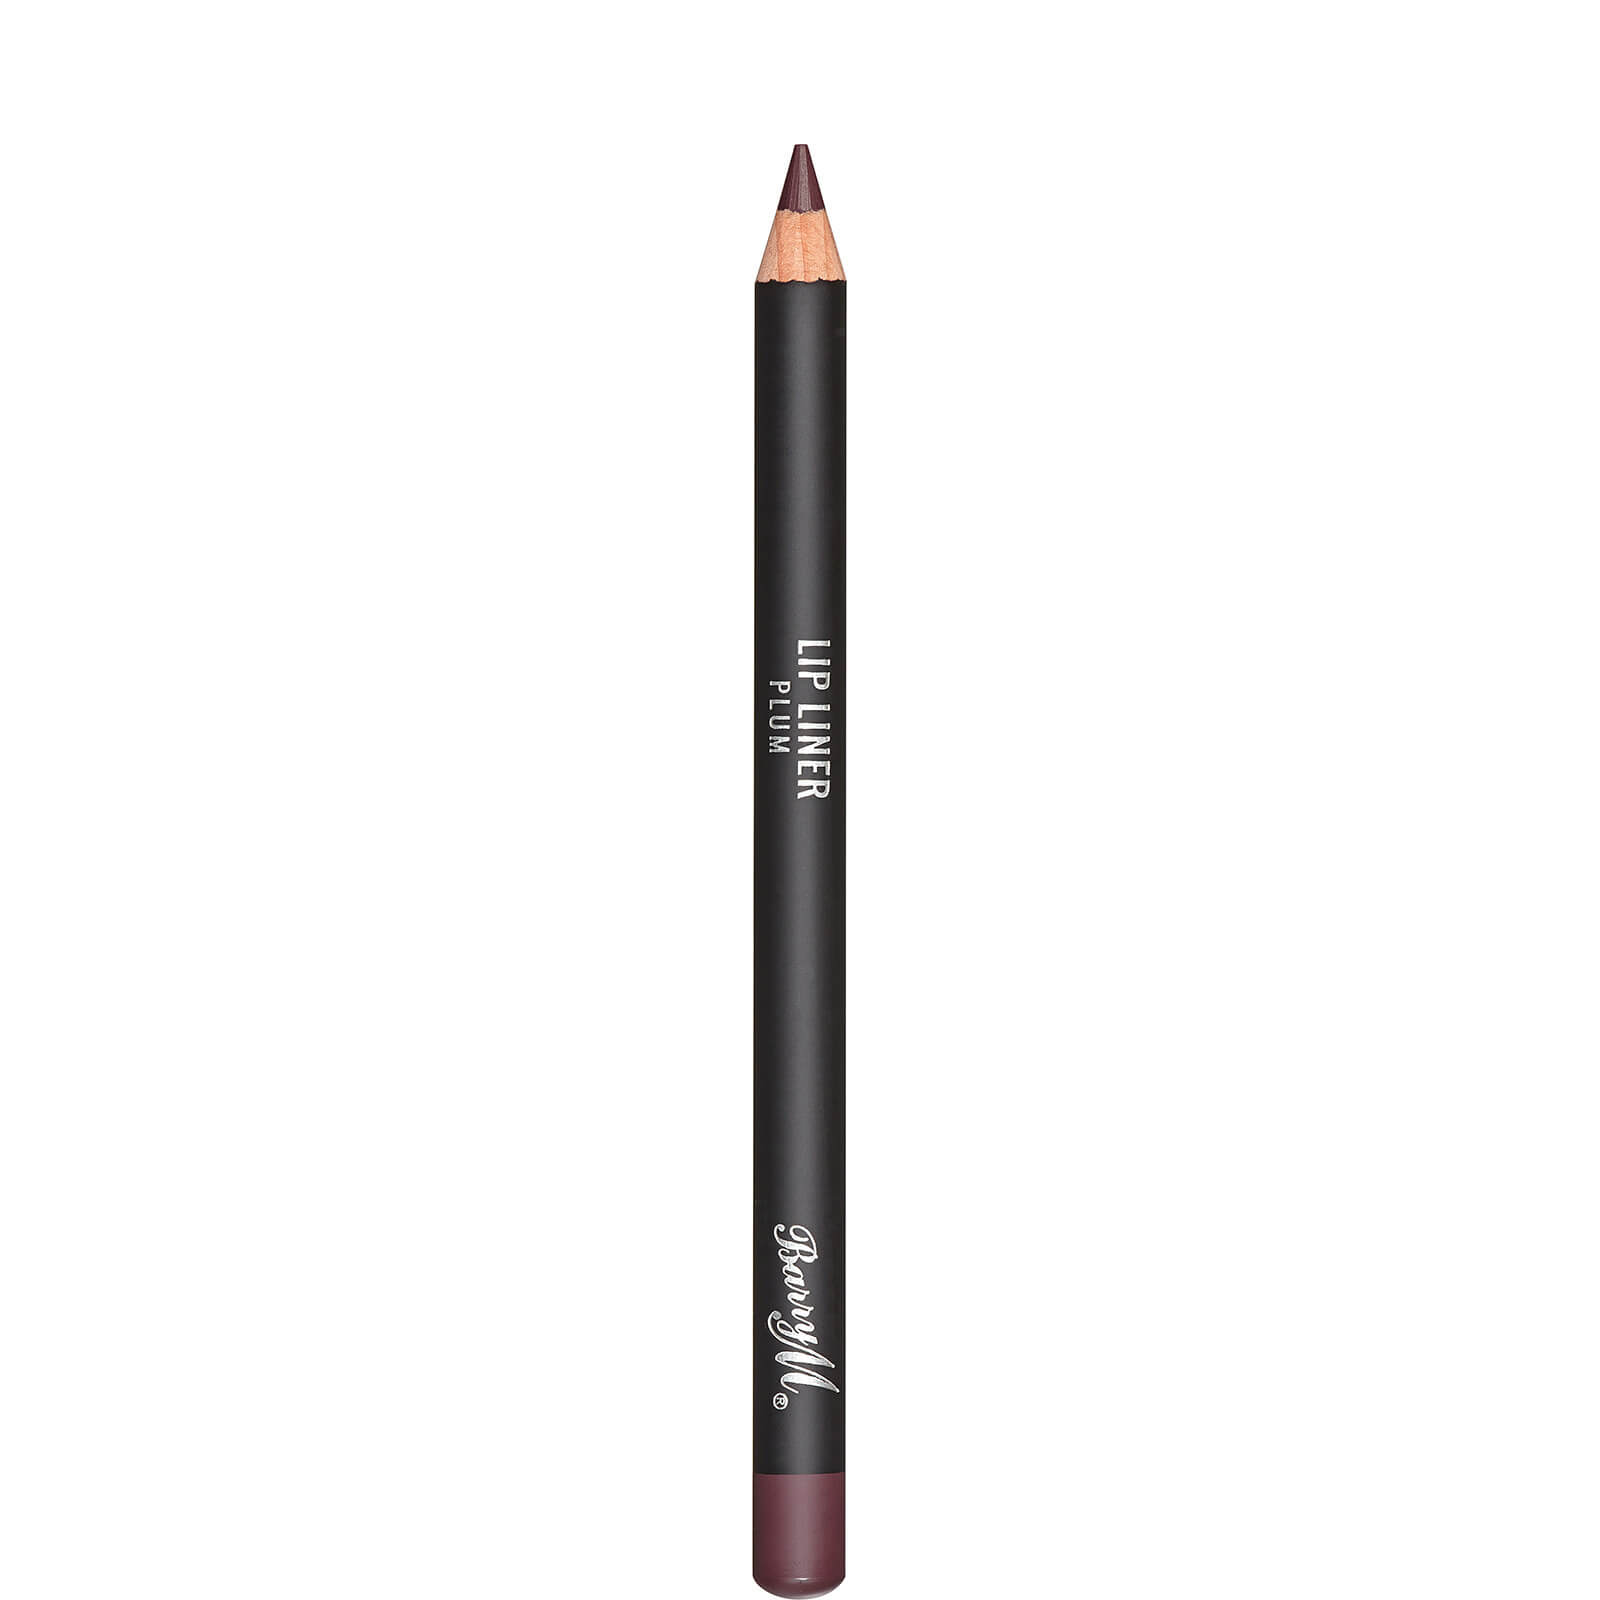 Купить Barry M Cosmetics Lip Liner (Various Shades) - Plum